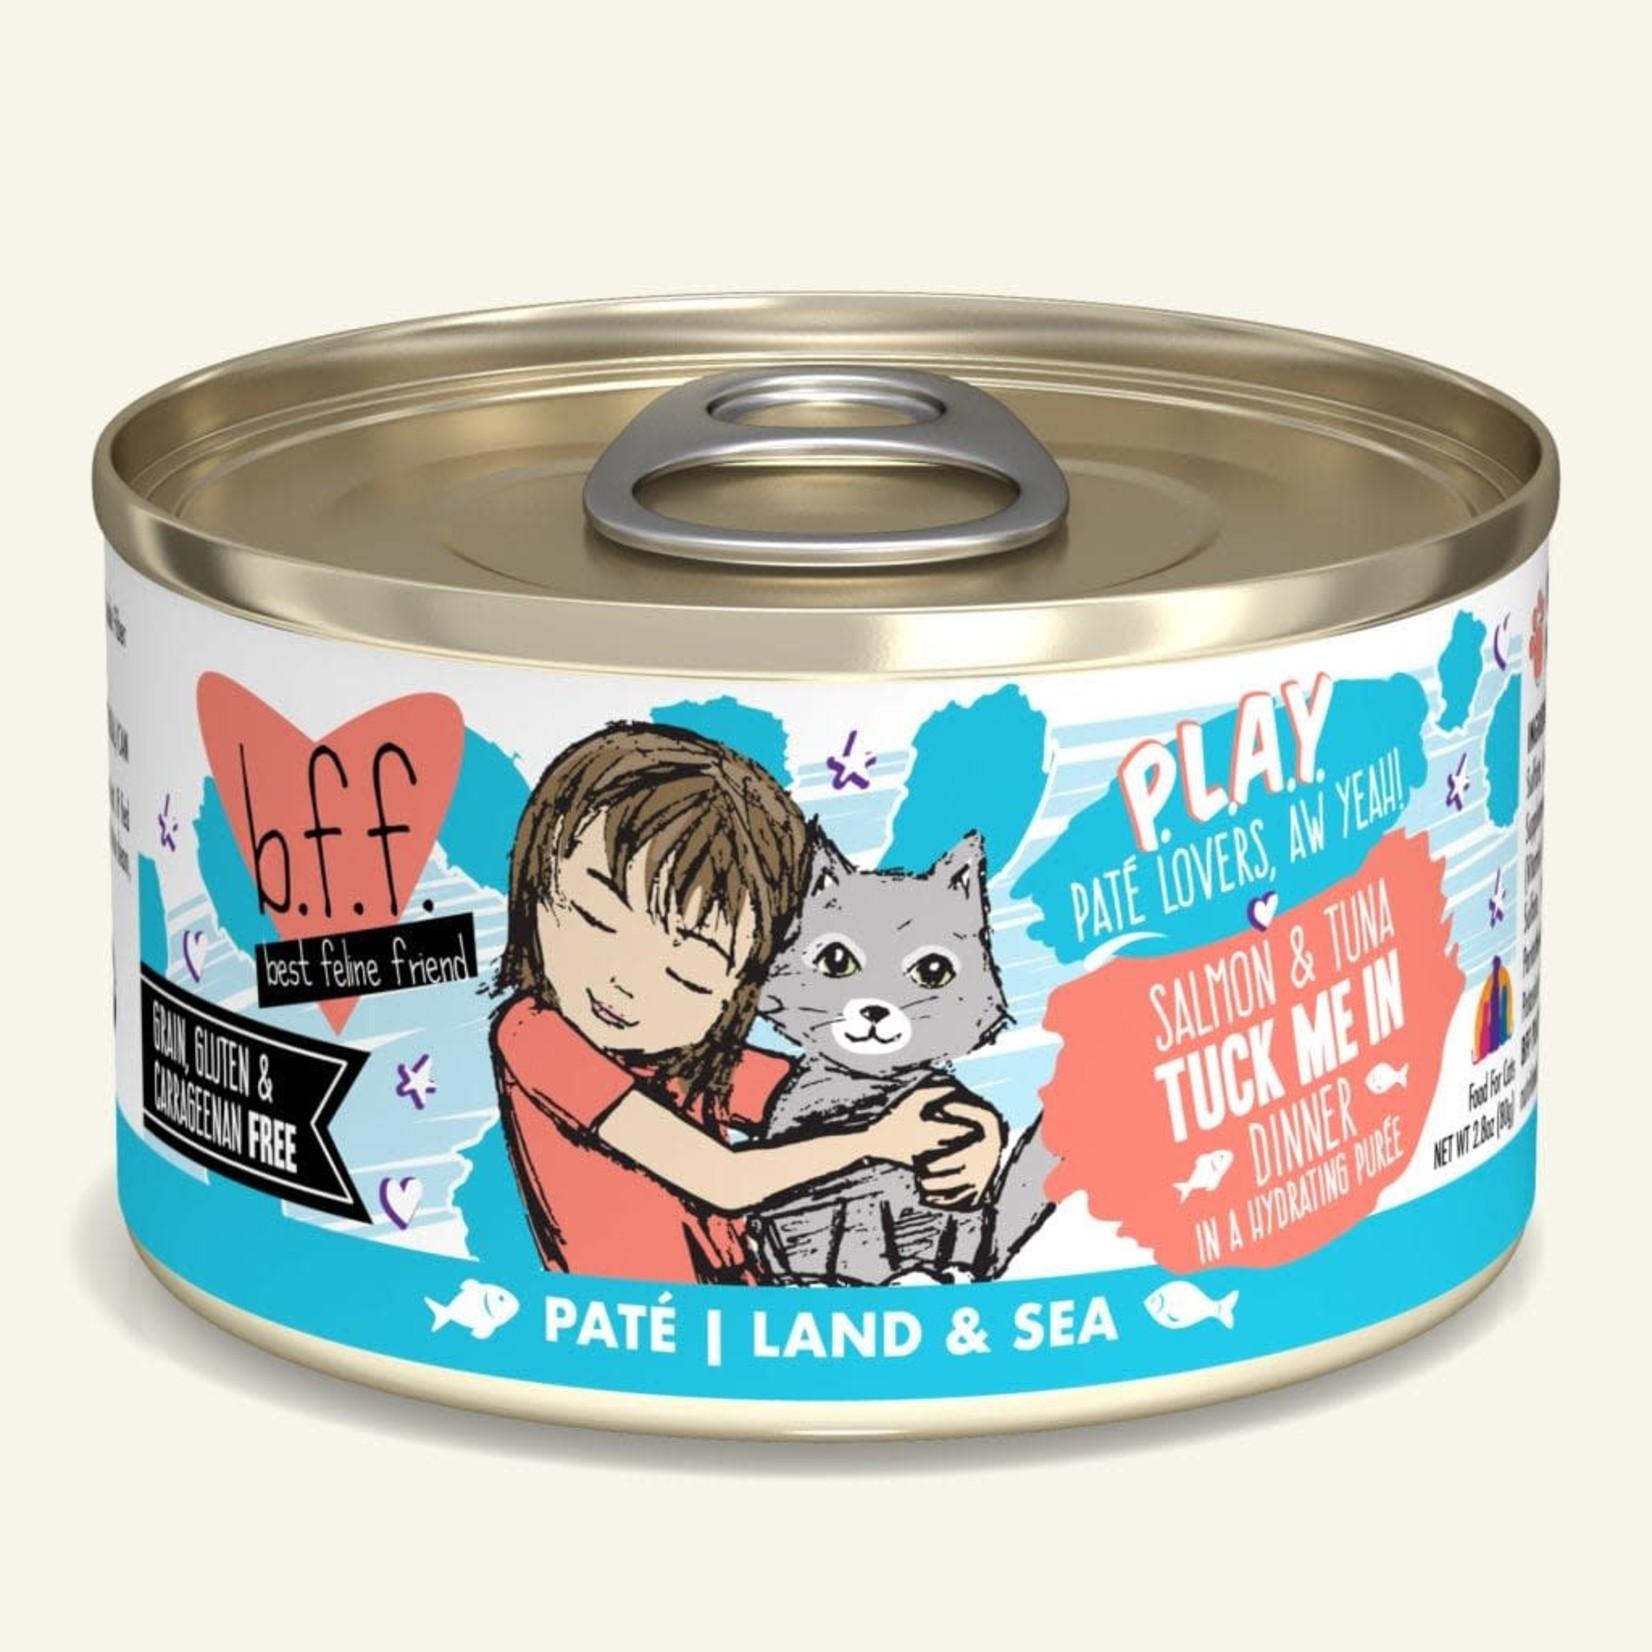 Weruva BFF PLAY Cat Salmon & Tuna Tuck Me In 2.8 OZ